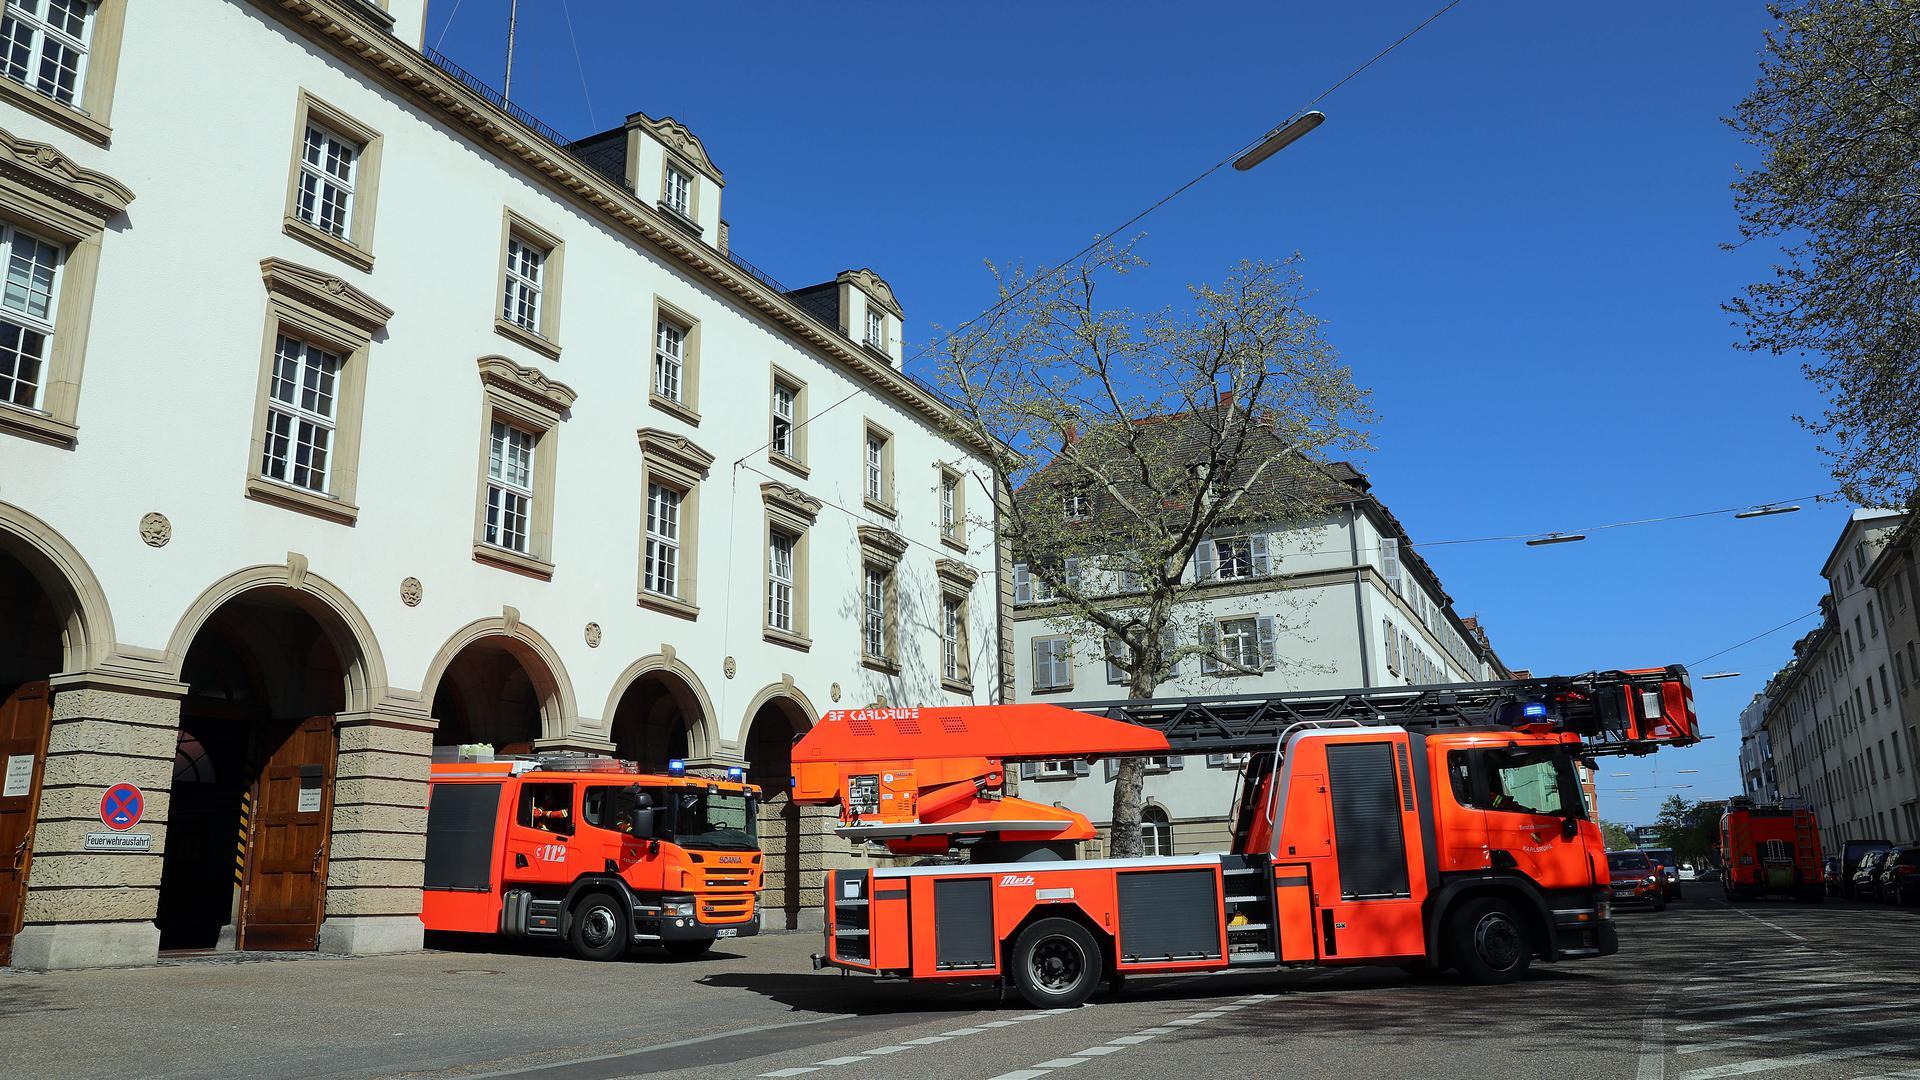 © Jodo-Foto /  Joerg  Donecker// 23.04.2021 Berufsfeuerwehr in der Ritterstrasse, Foto: Einsatz,                                              -Copyright - Jodo-Foto /  Joerg  Donecker Sonnenbergstr.4  D-76228 KARLSRUHE TEL:  0049 (0) 721-9473285 FAX:  0049 (0) 721 4903368  Mobil: 0049 (0) 172 7238737 E-Mail:  joerg.donecker@t-online.de Sparkasse Karlsruhe  IBAN: DE12 6605 0101 0010 0395 50, BIC: KARSDE66XX Steuernummer 34140/28360 Veroeffentlichung nur gegen Honorar nach MFM zzgl. ges. Mwst.  , Belegexemplar und Namensnennung. Es gelten meine AGB.